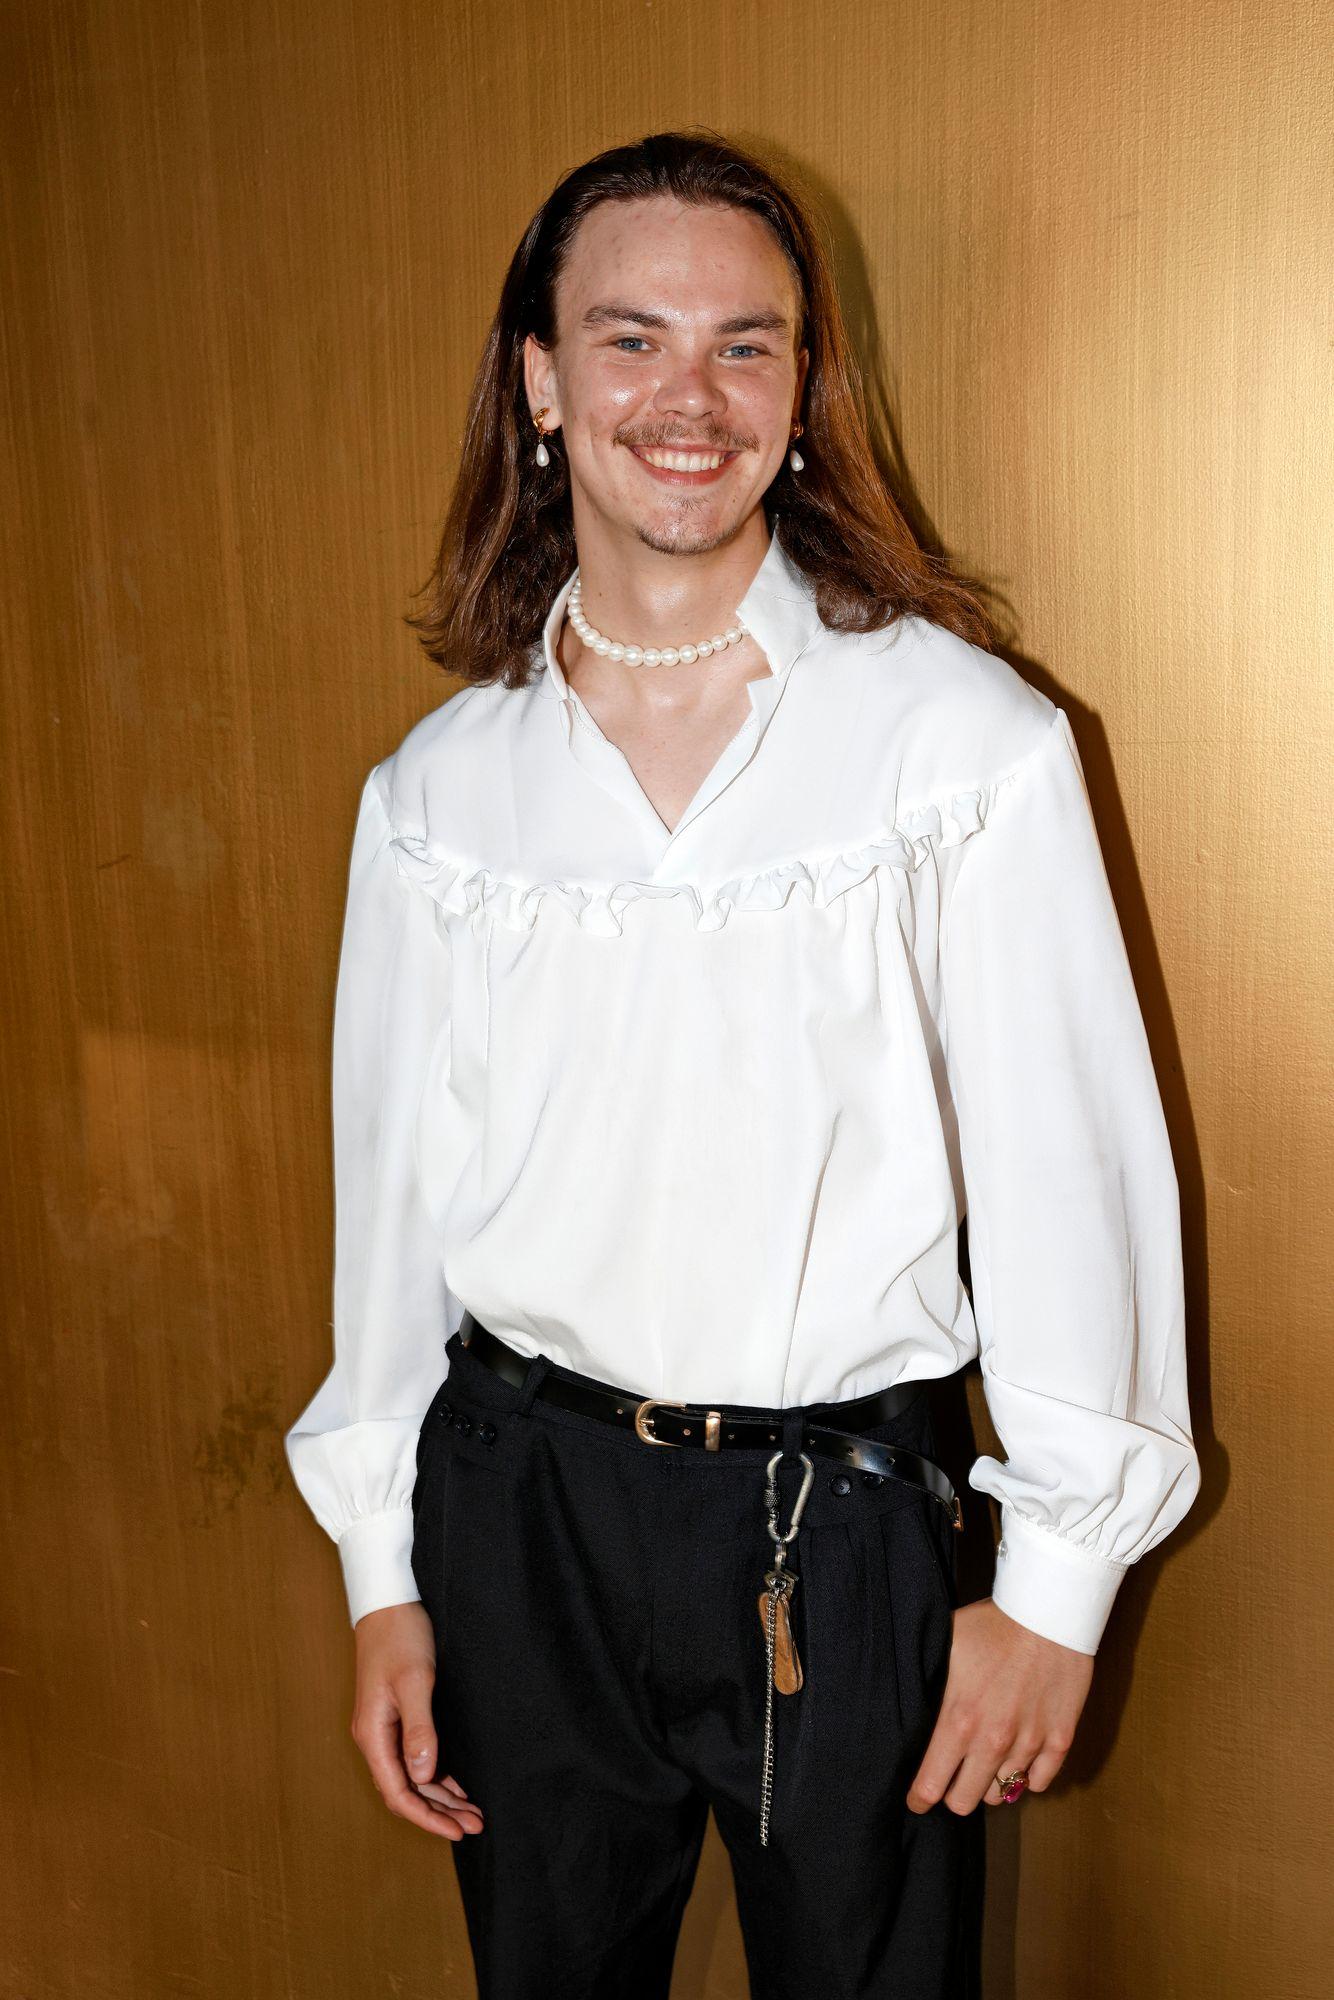 """Näyttelijä Aarne Lehtimäki on ollut mukana myös muun muassa Salkkareissa ja Rantabaarissa. """"En ole hirveän pitkään näyttelemistä tehnyt. Opiskelen Laajasalon opistossa näyttelijäntaidetta"""", totesi 21-vuotissyntymäpäiviään hiljattain juhlinut Lehtimäki. © ATTE KAJOVA"""